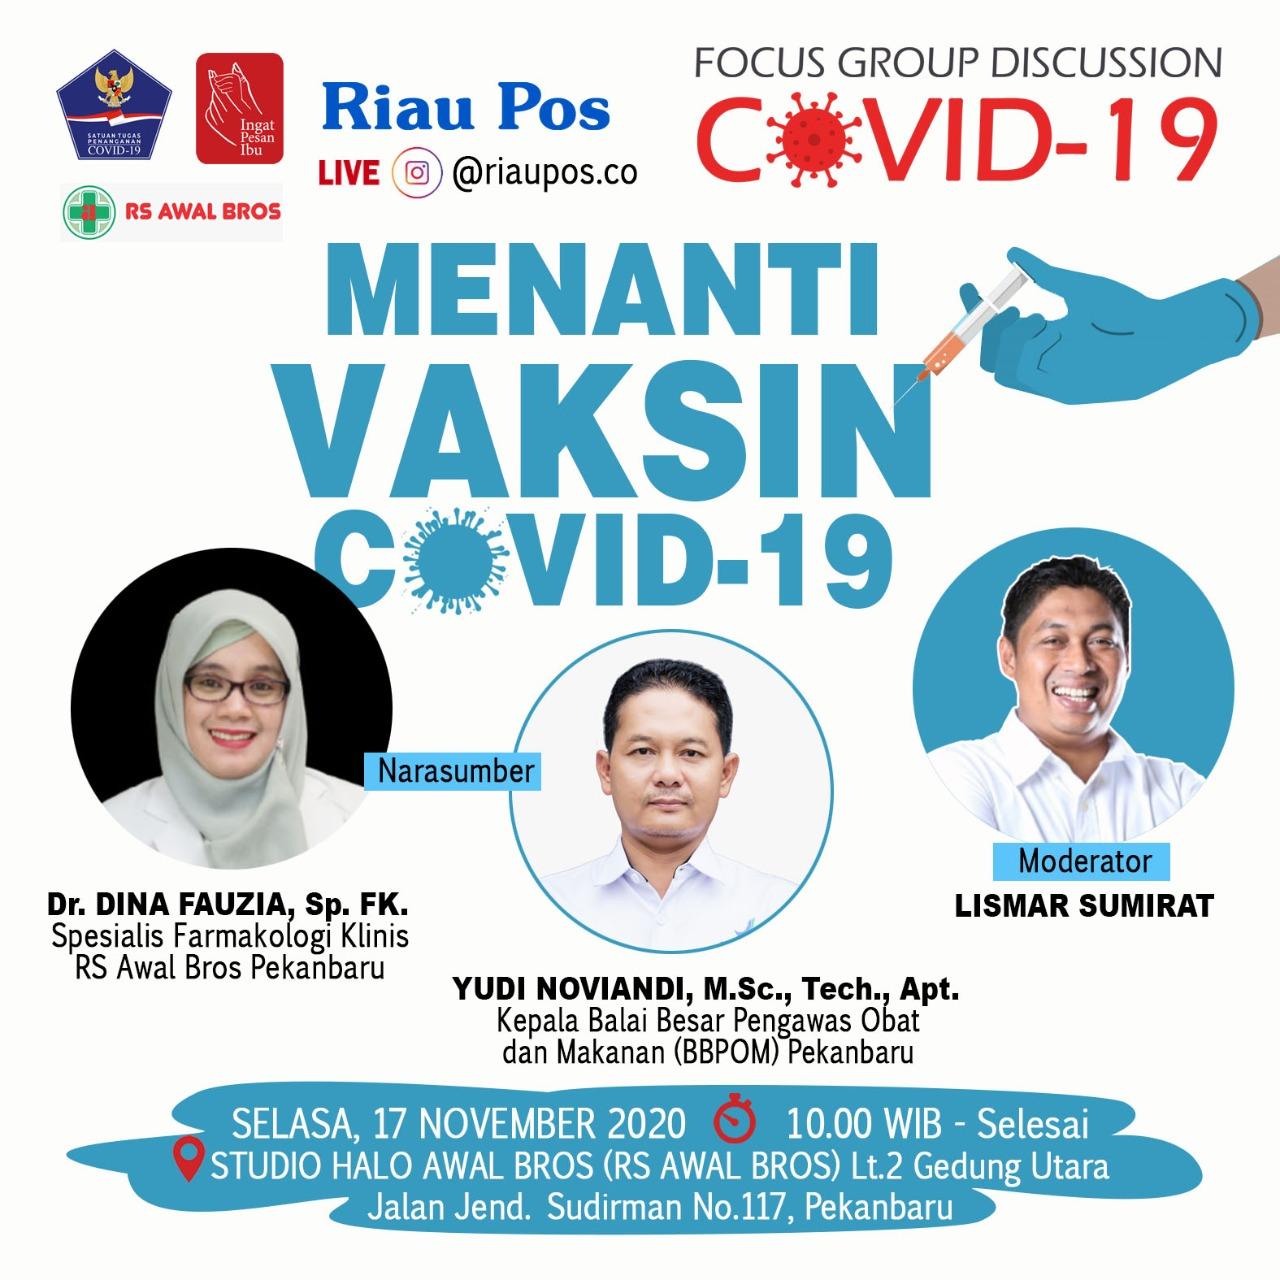 Riau Pos FGD Bahas Vaksin Covid-19